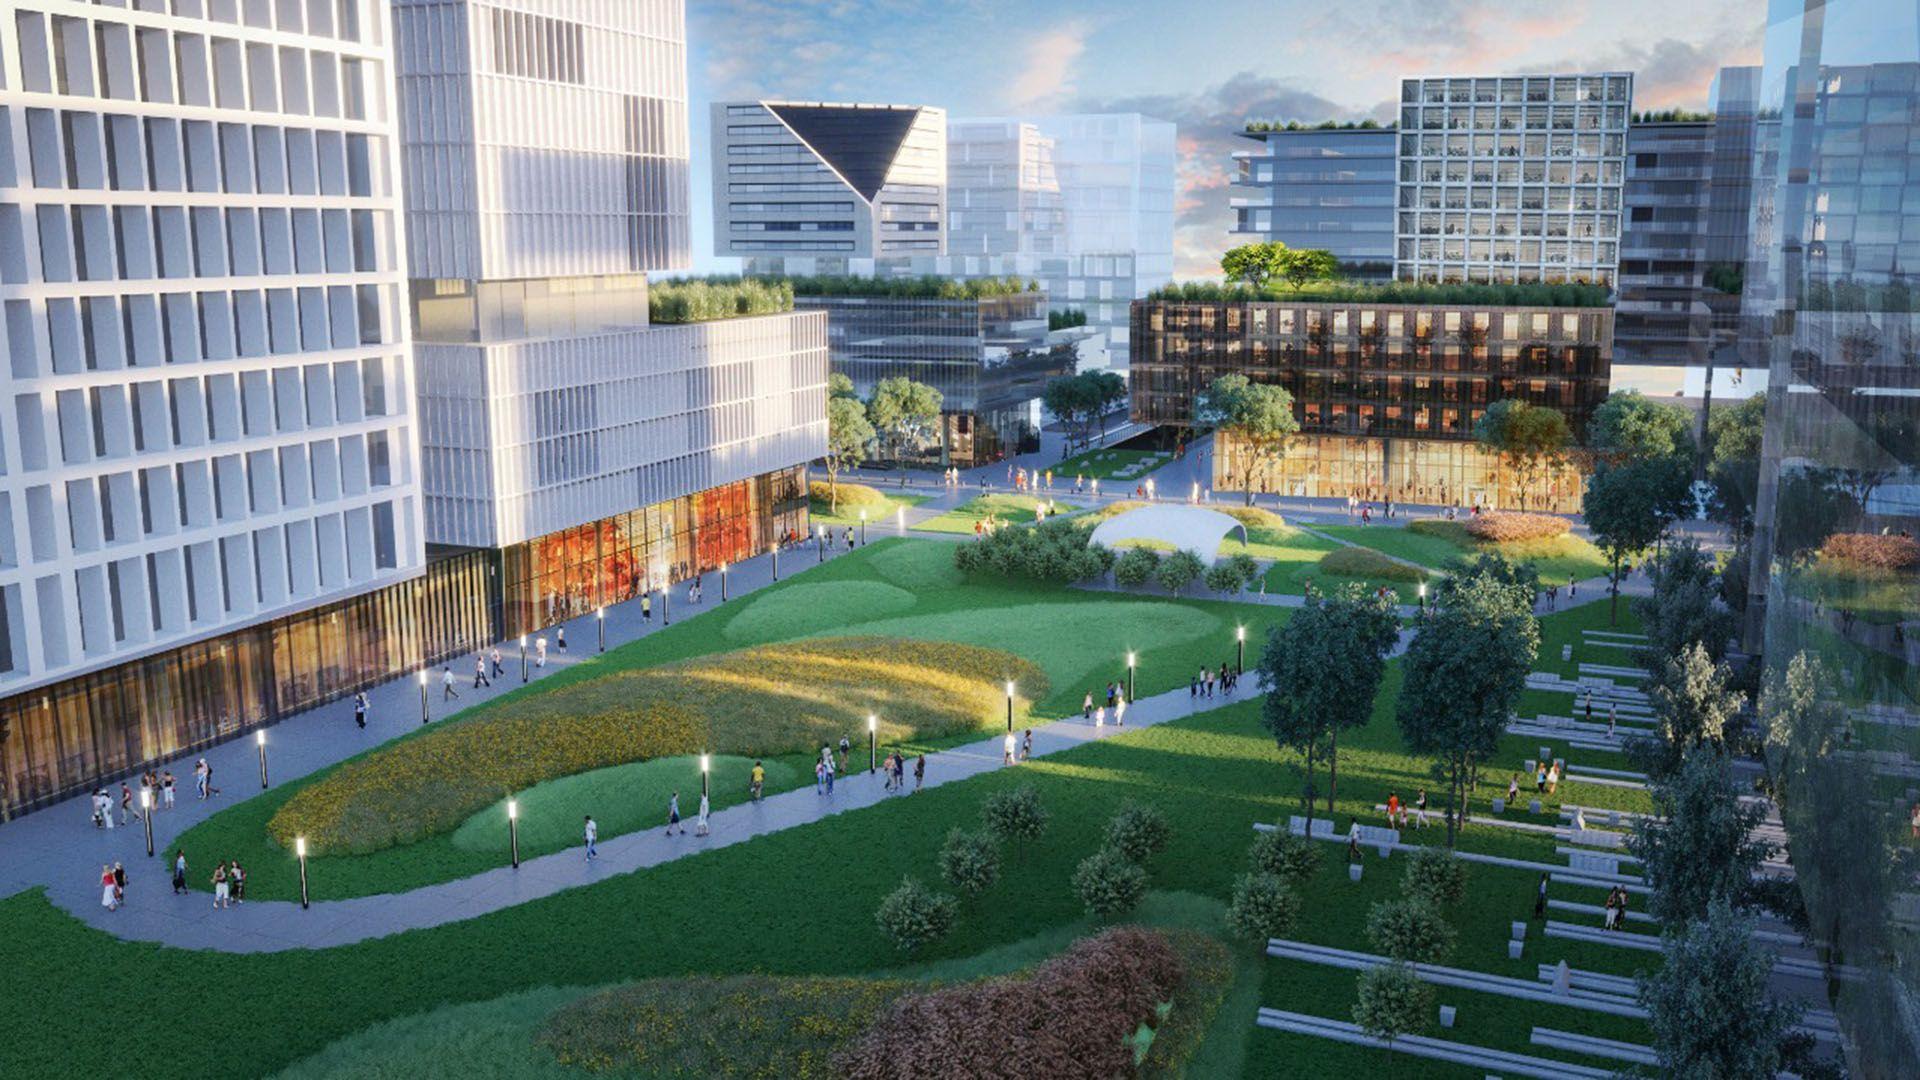 El proyecto del Parque de la Innovación que promueve el gobierno de la Ciudad de Buenos Aires, destinado a potenciar el desarrollo científico y tecnológico, en un predio de 16 hectáreas en Núñez